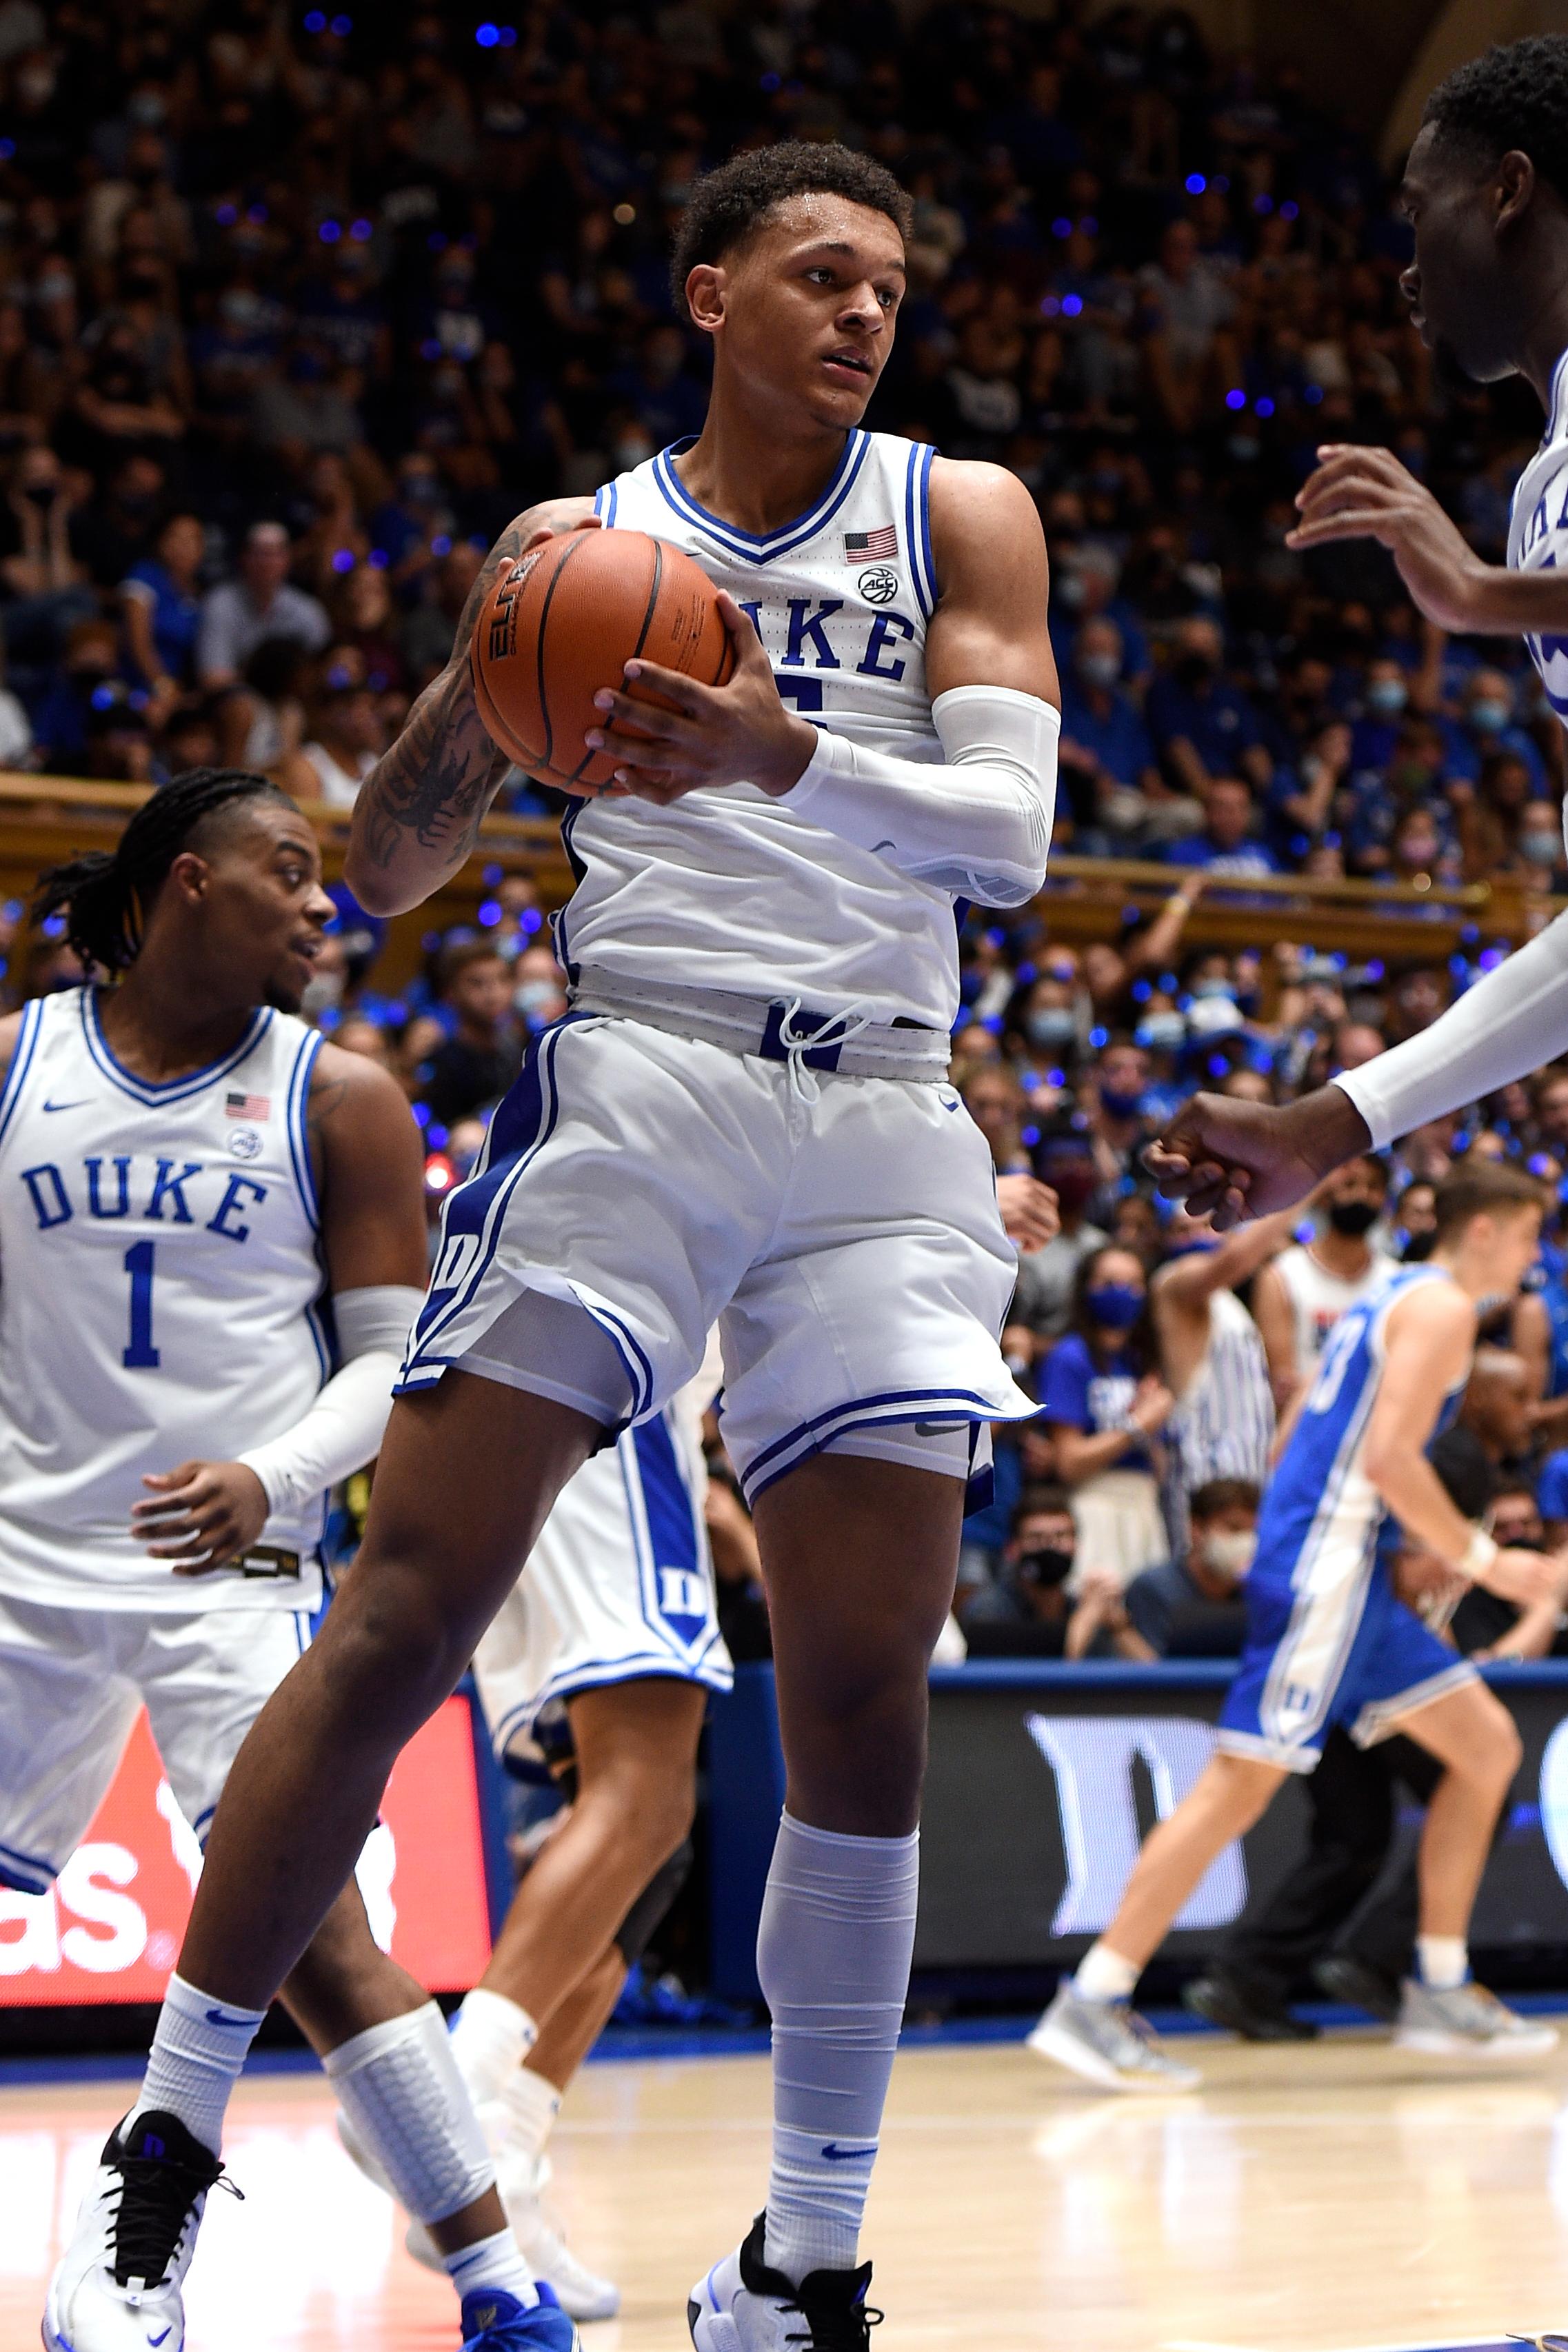 Duke Countdown To Craziness